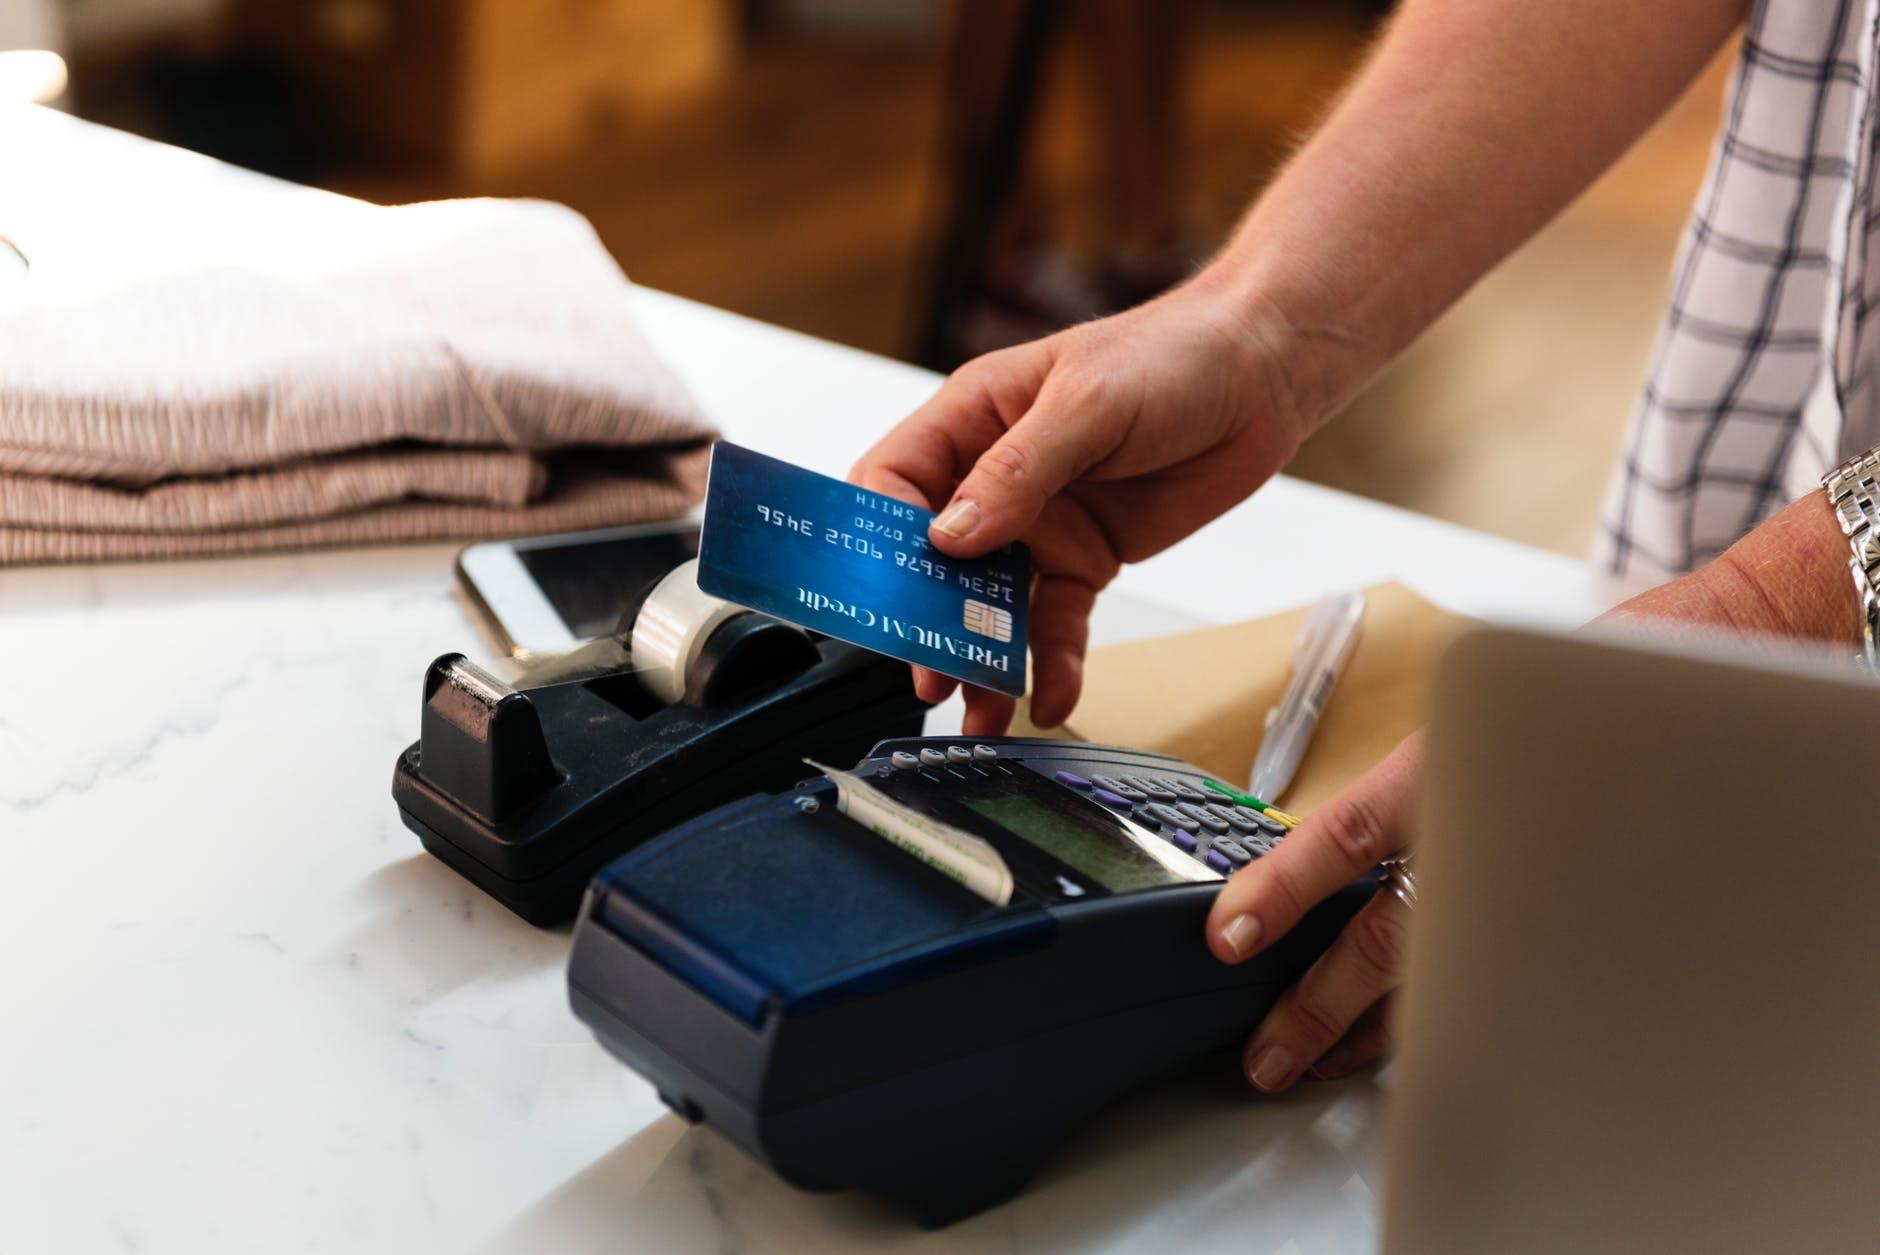 中国移动支付让美国银行害怕,如果来美估计年丧失430亿美元?